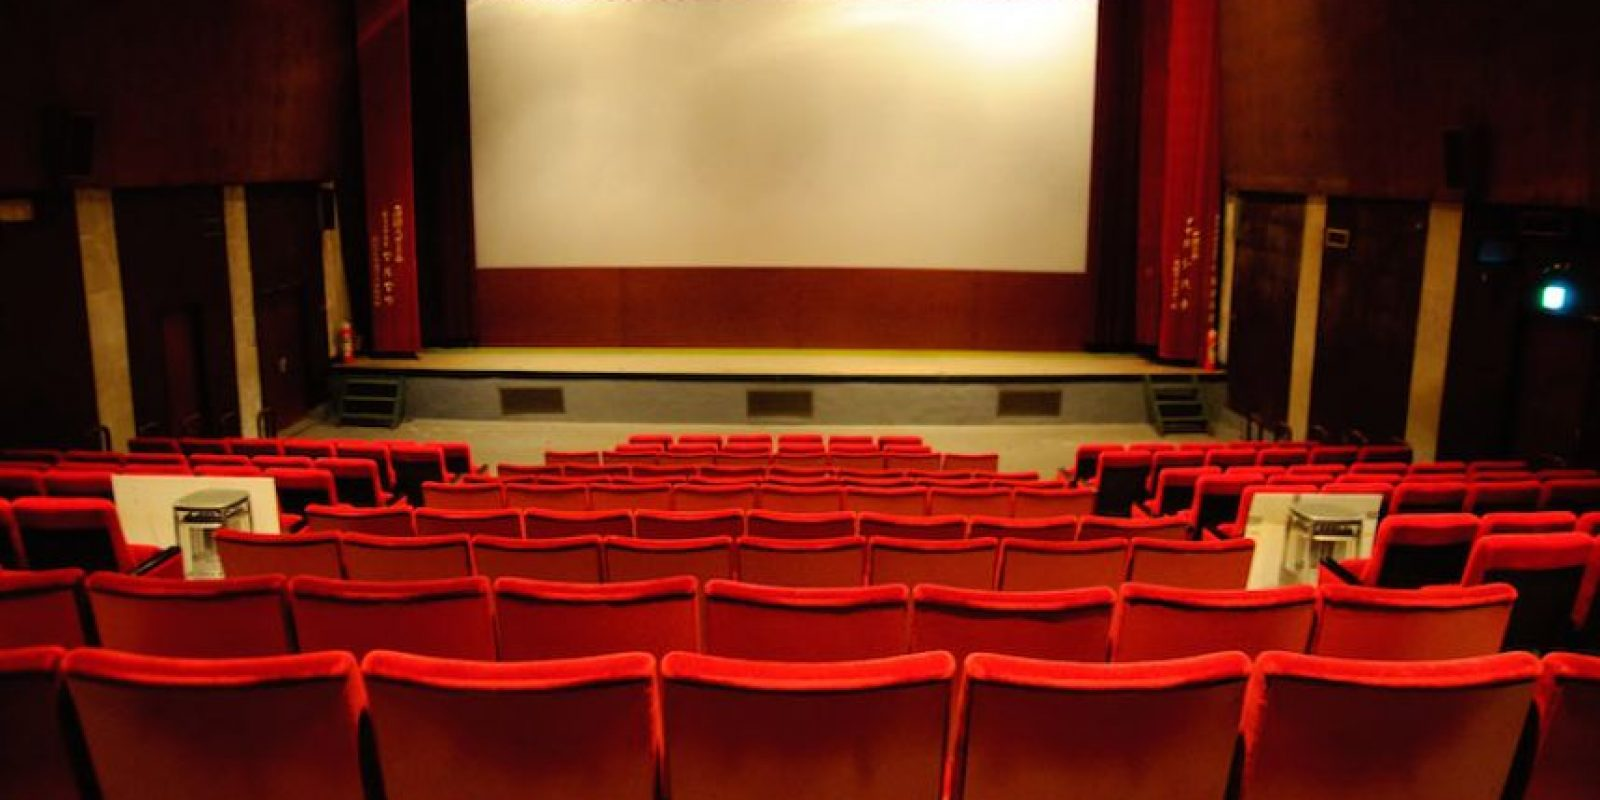 Los ricos pueden pagar por ver los estrenos cinematográficos desde la comodidad de sus hogares. Foto:Wikimedia